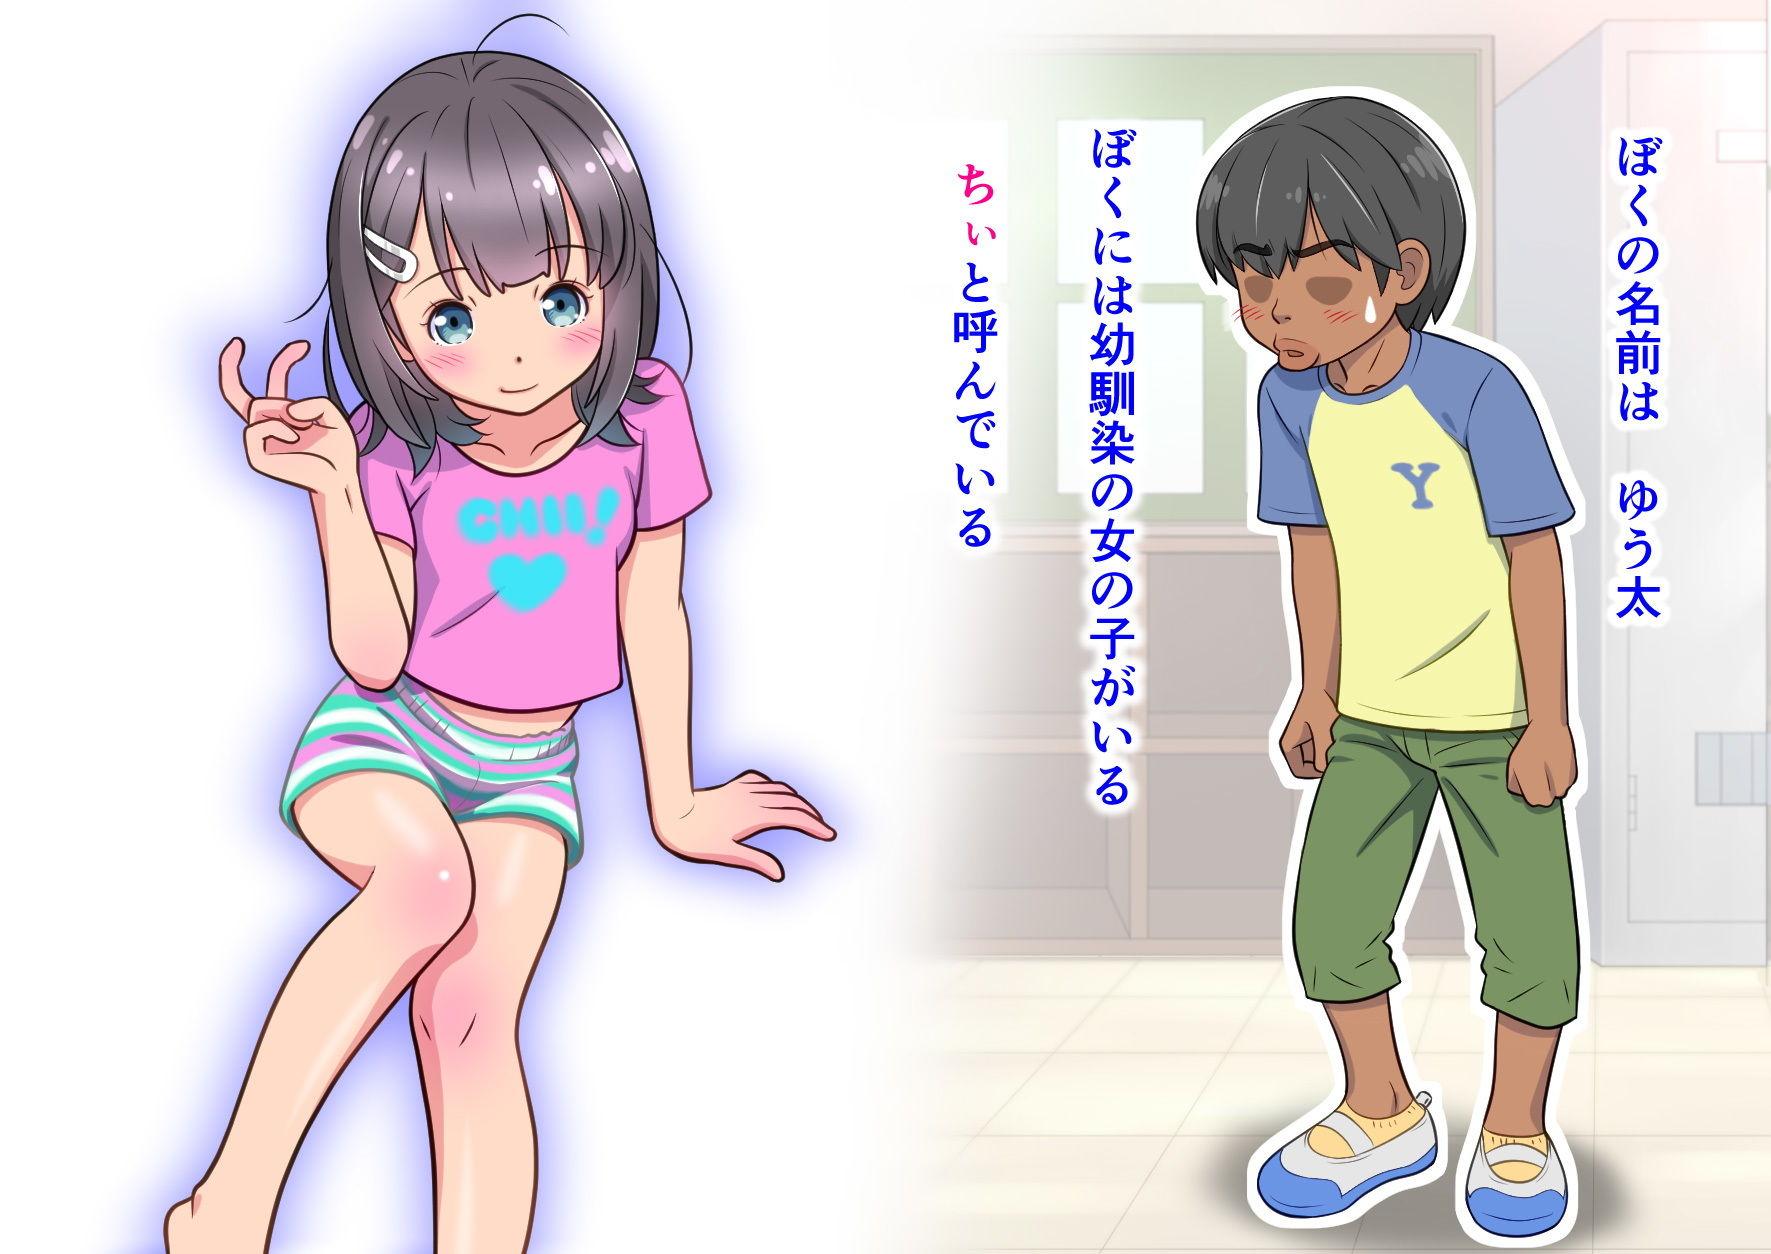 【ASUNARO 同人】寝取られた幼なじみが学校でも…